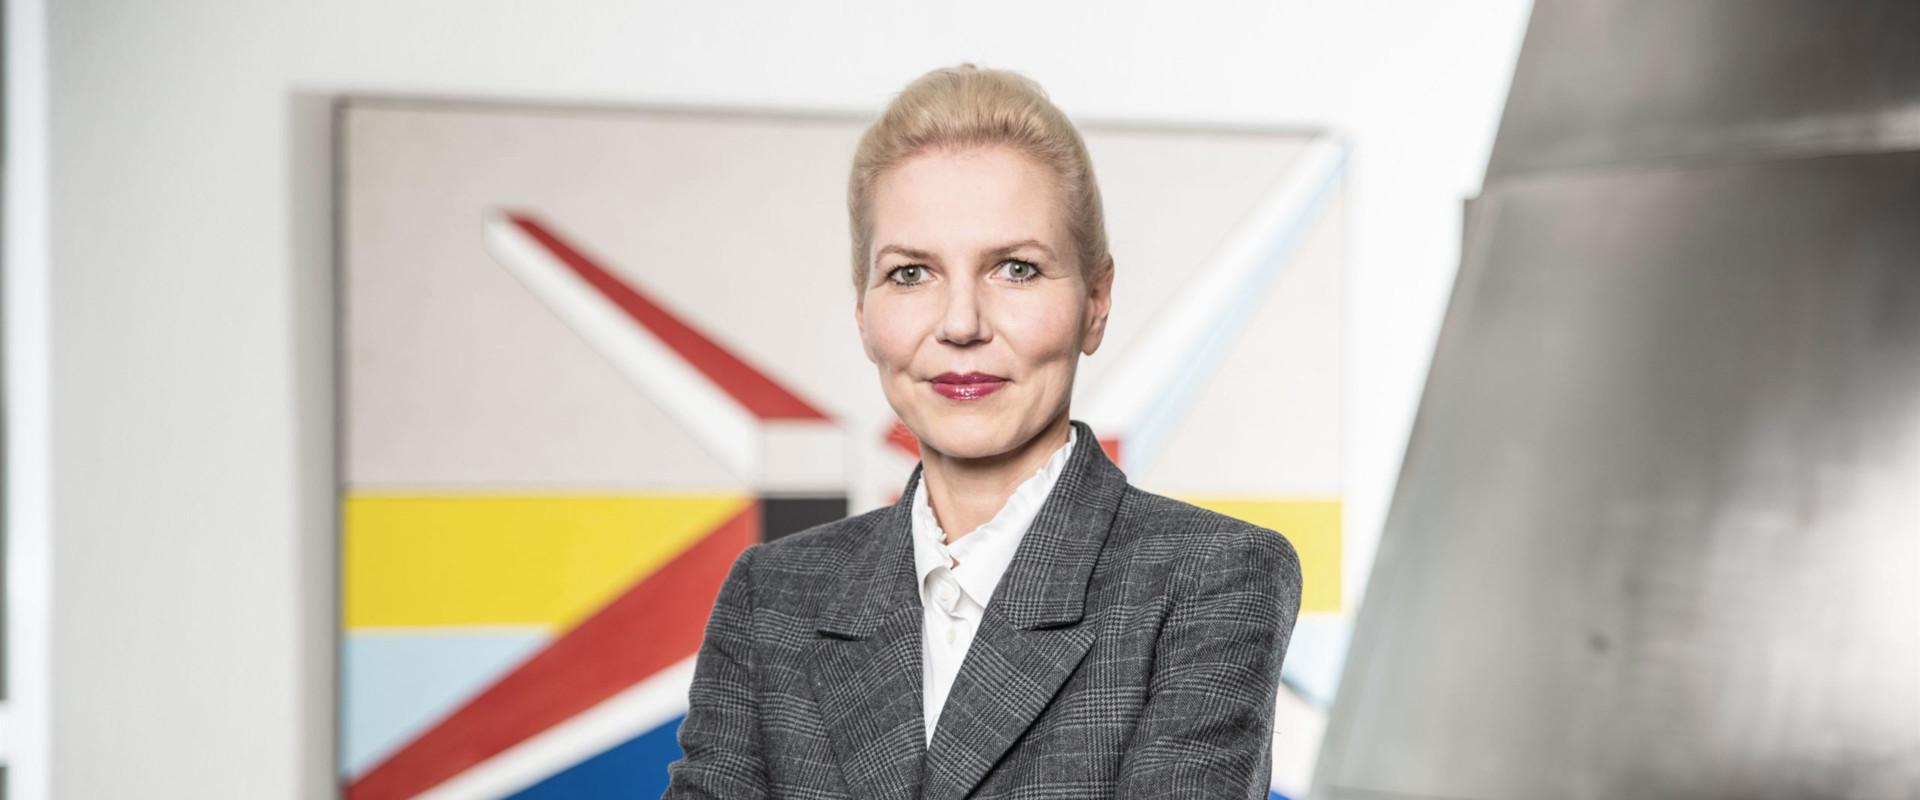 Susanne_Munkert-Riedrich_3